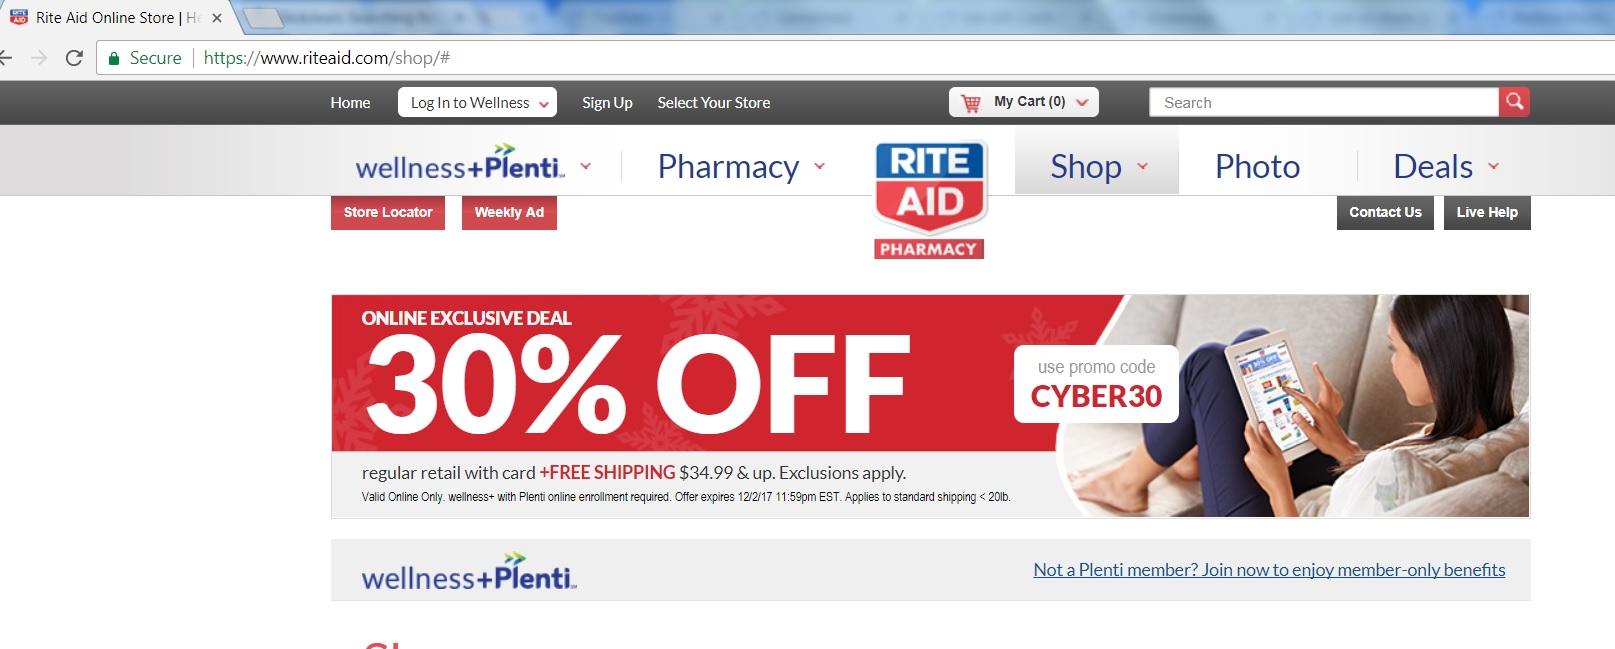 Online exclusive deal - 30% off